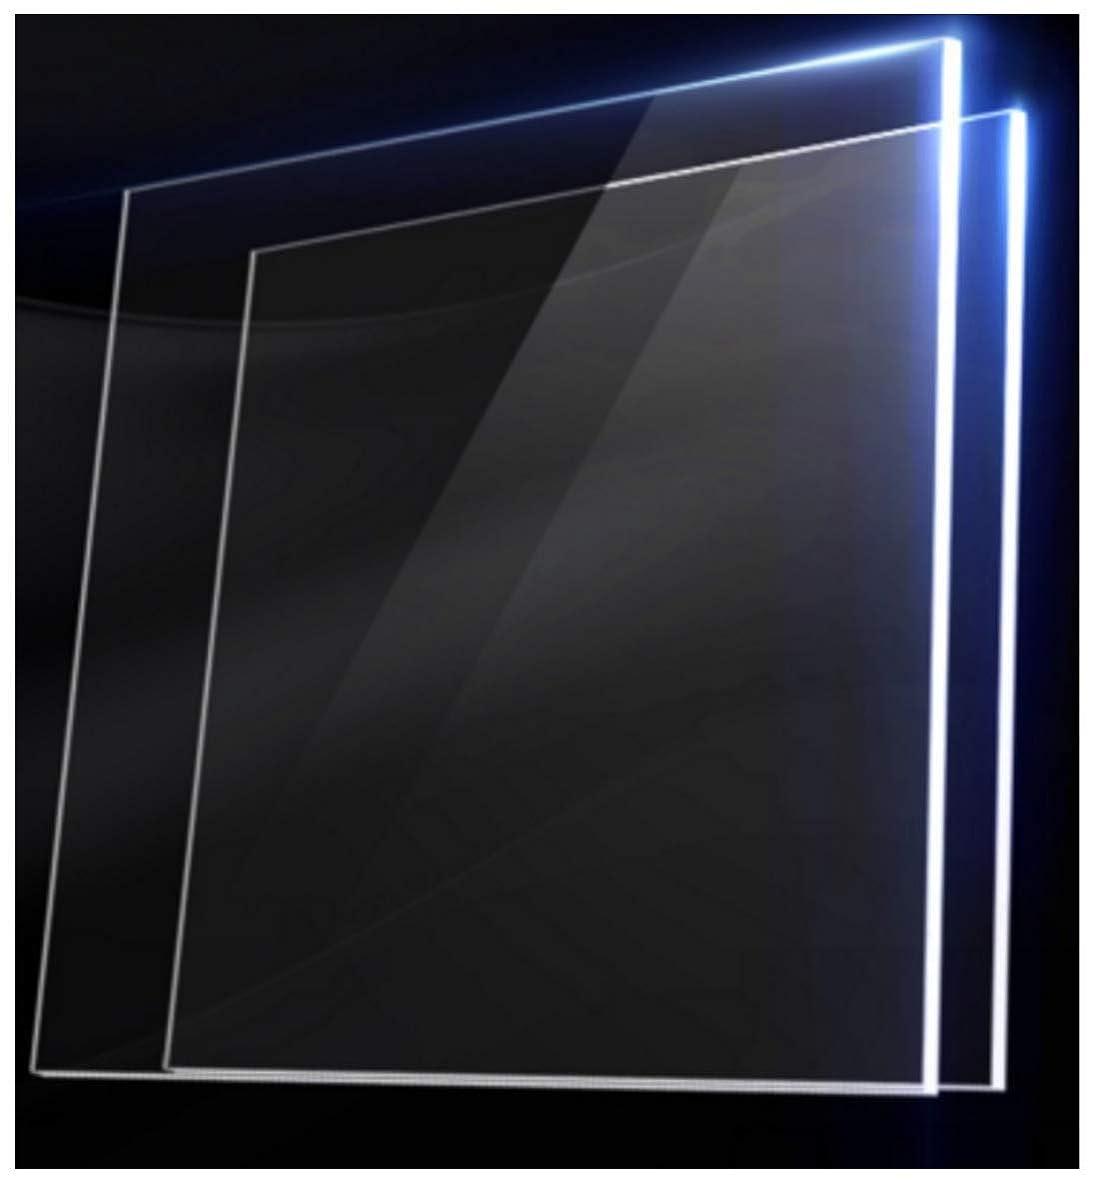 失業者メダリスト未亡人DIY用 アクリル板 縦横400mm x 500mm 高光沢 (1枚) (厚さ5mm)